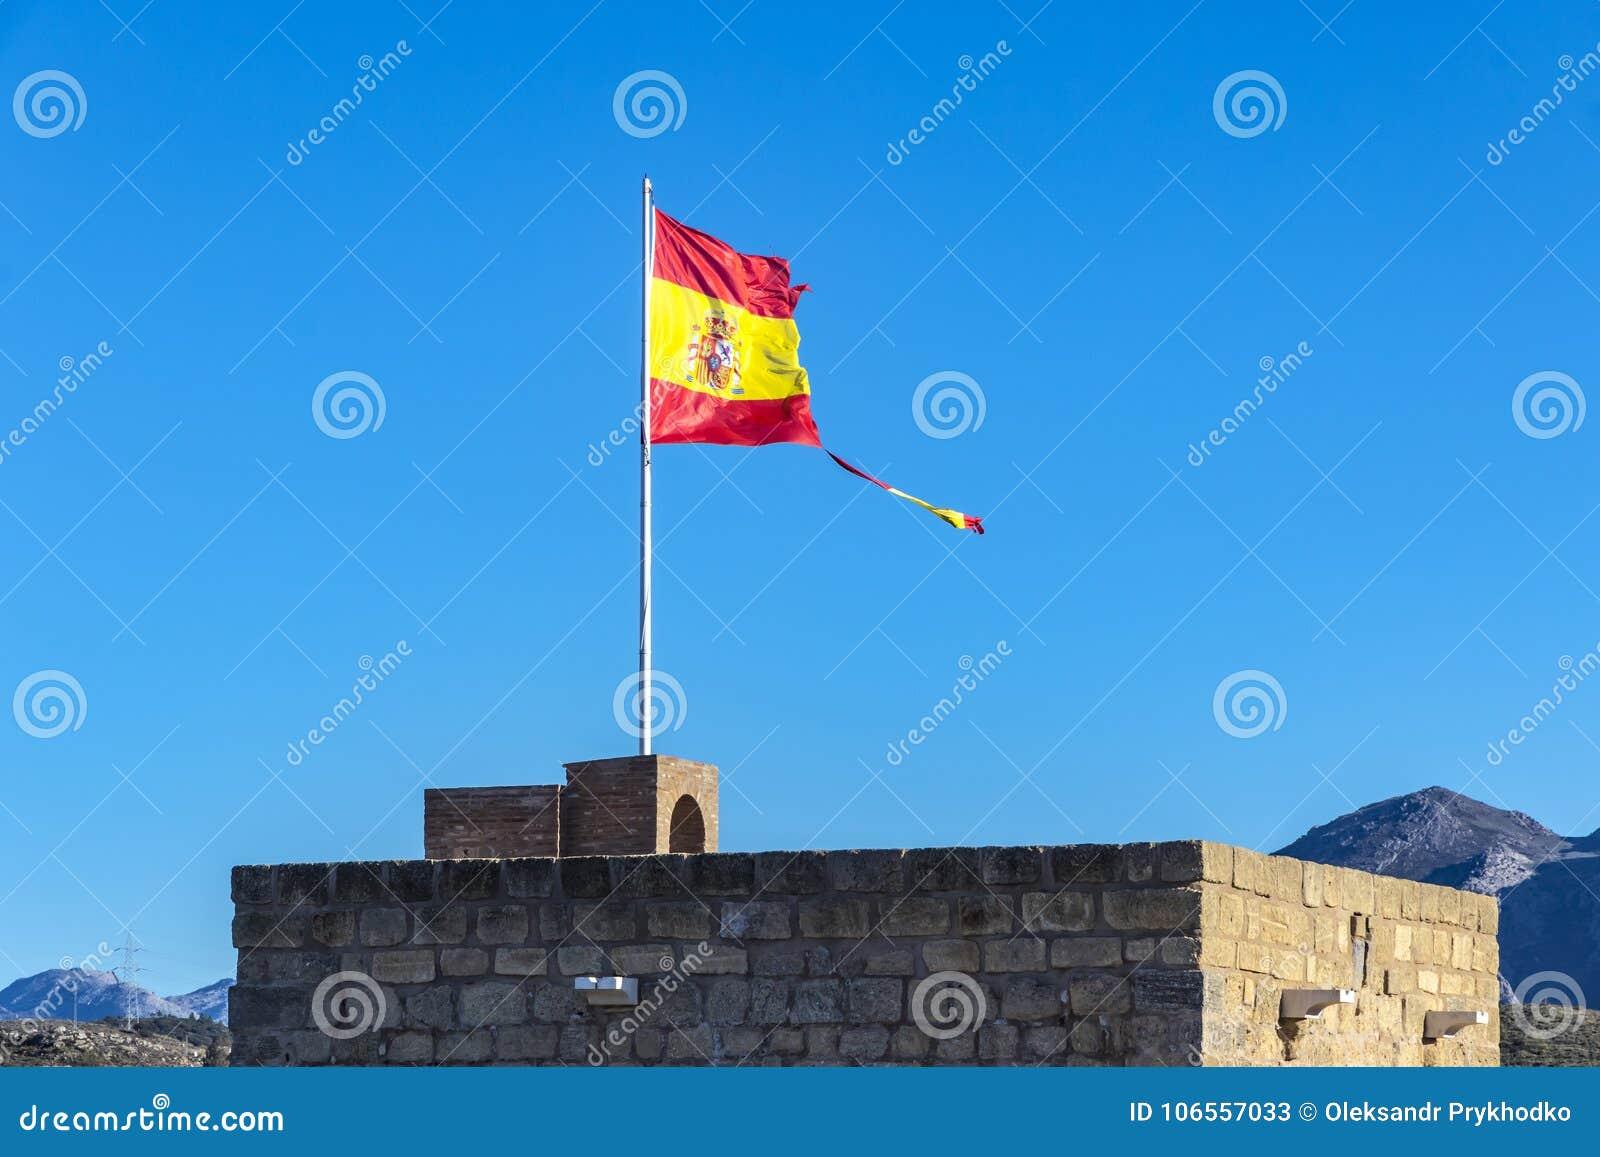 Bandera española rasgada que agita en el viento